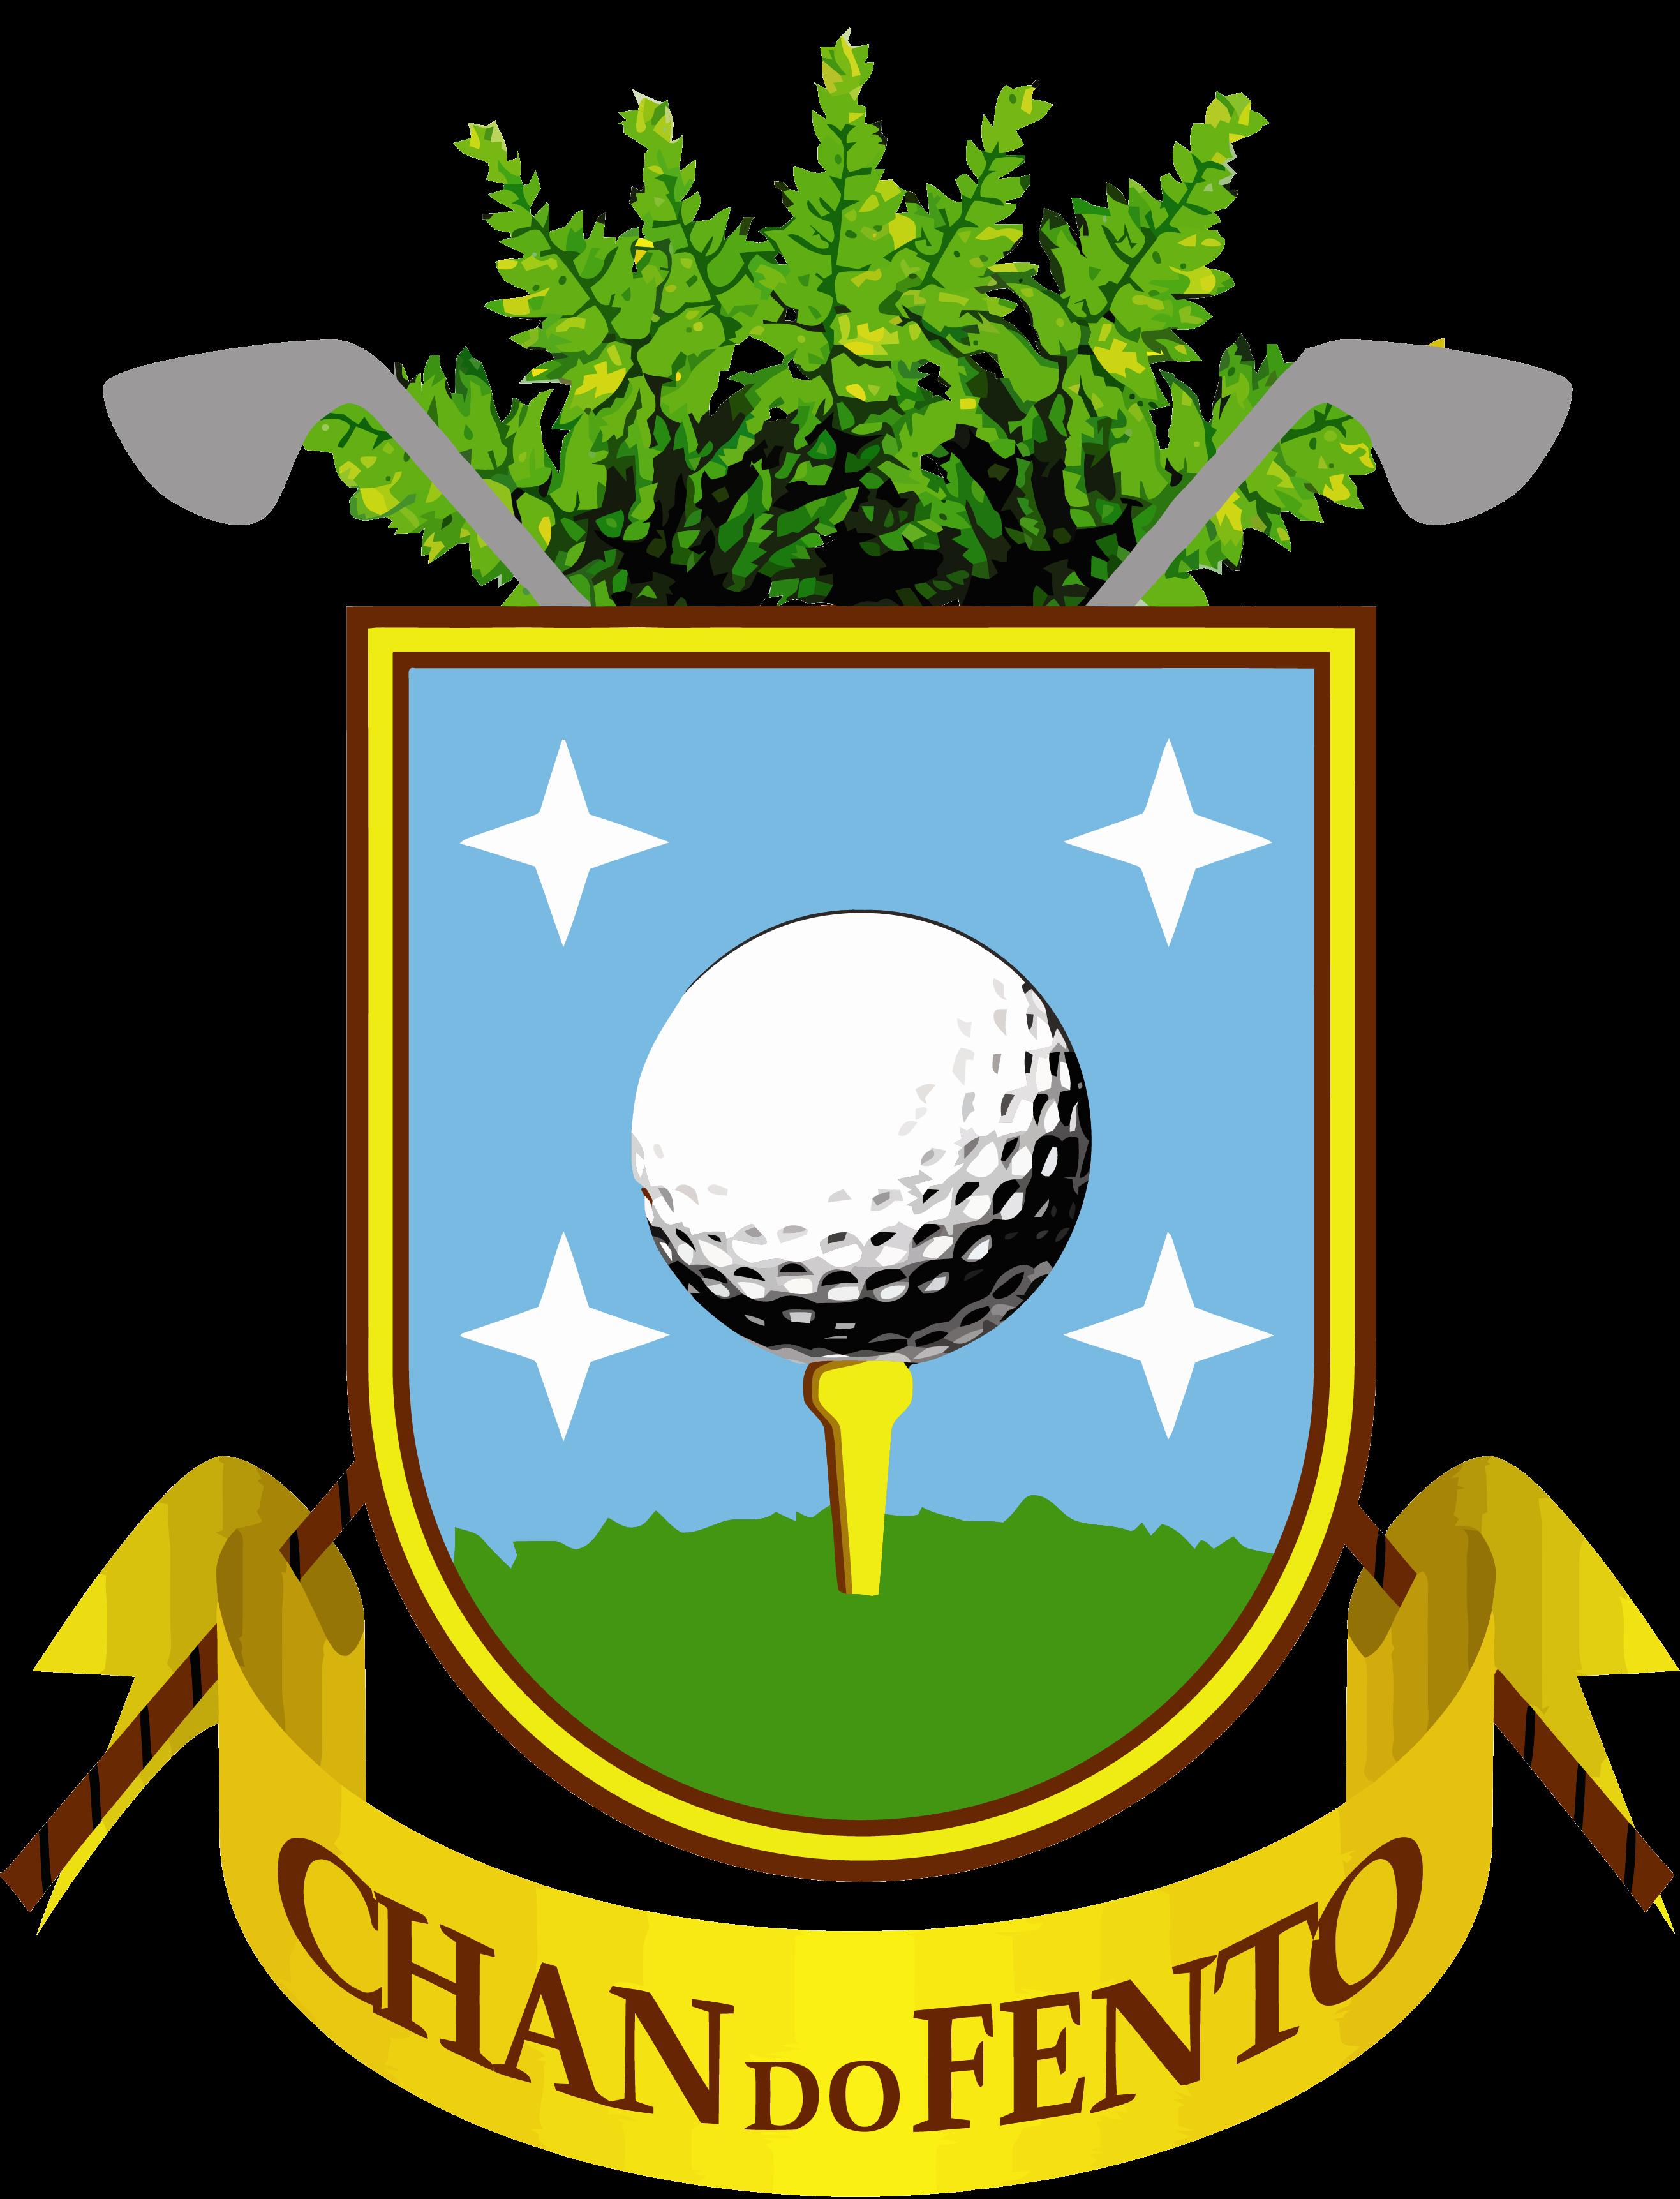 Chan Do Fento Golf Club